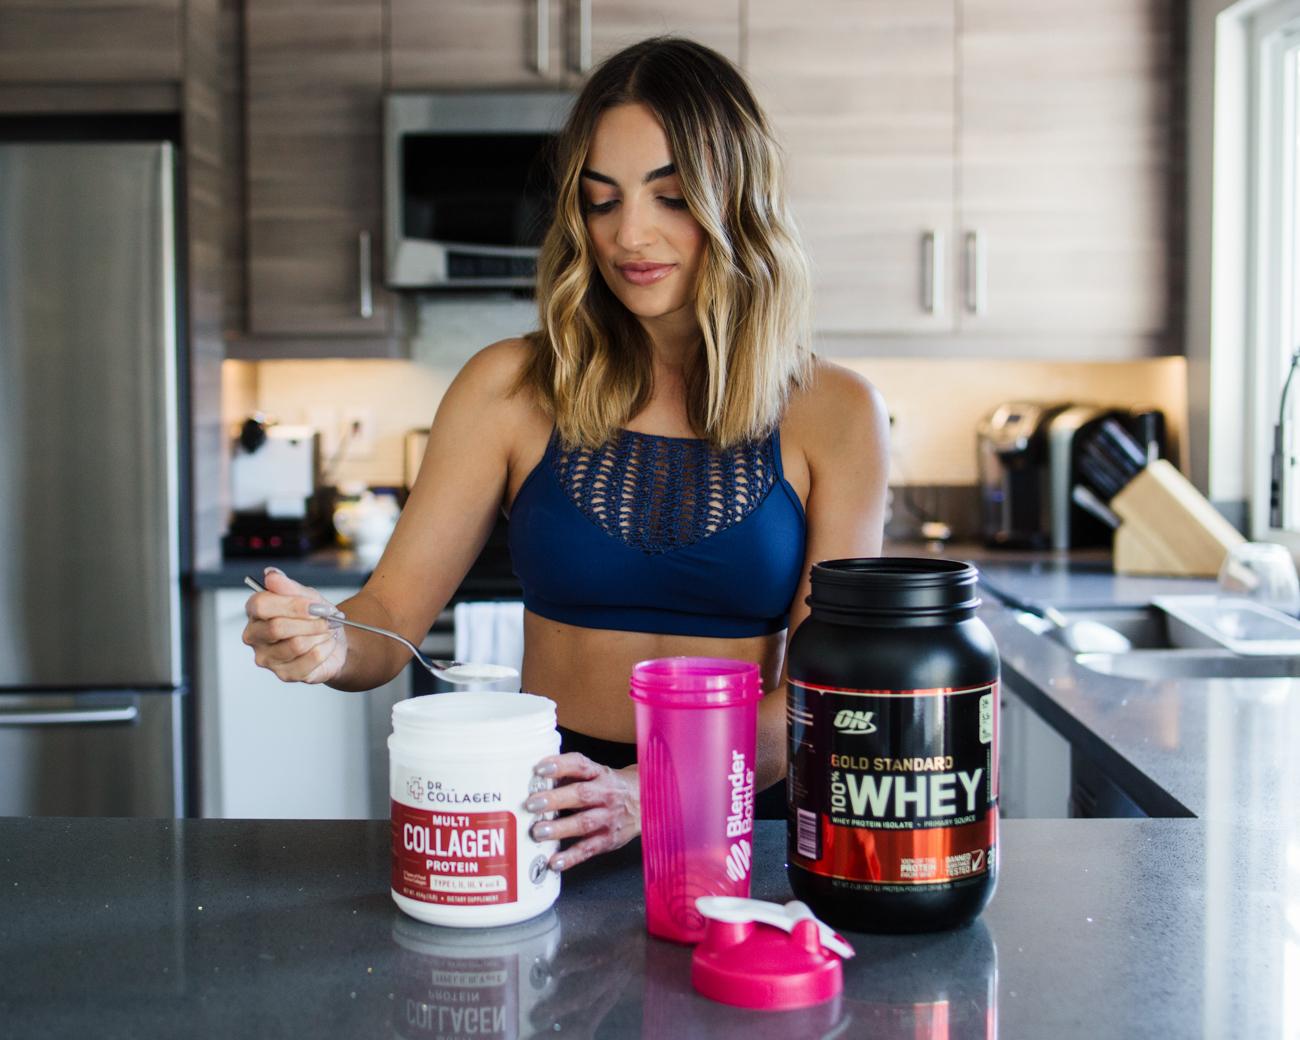 Olia Protein Shake